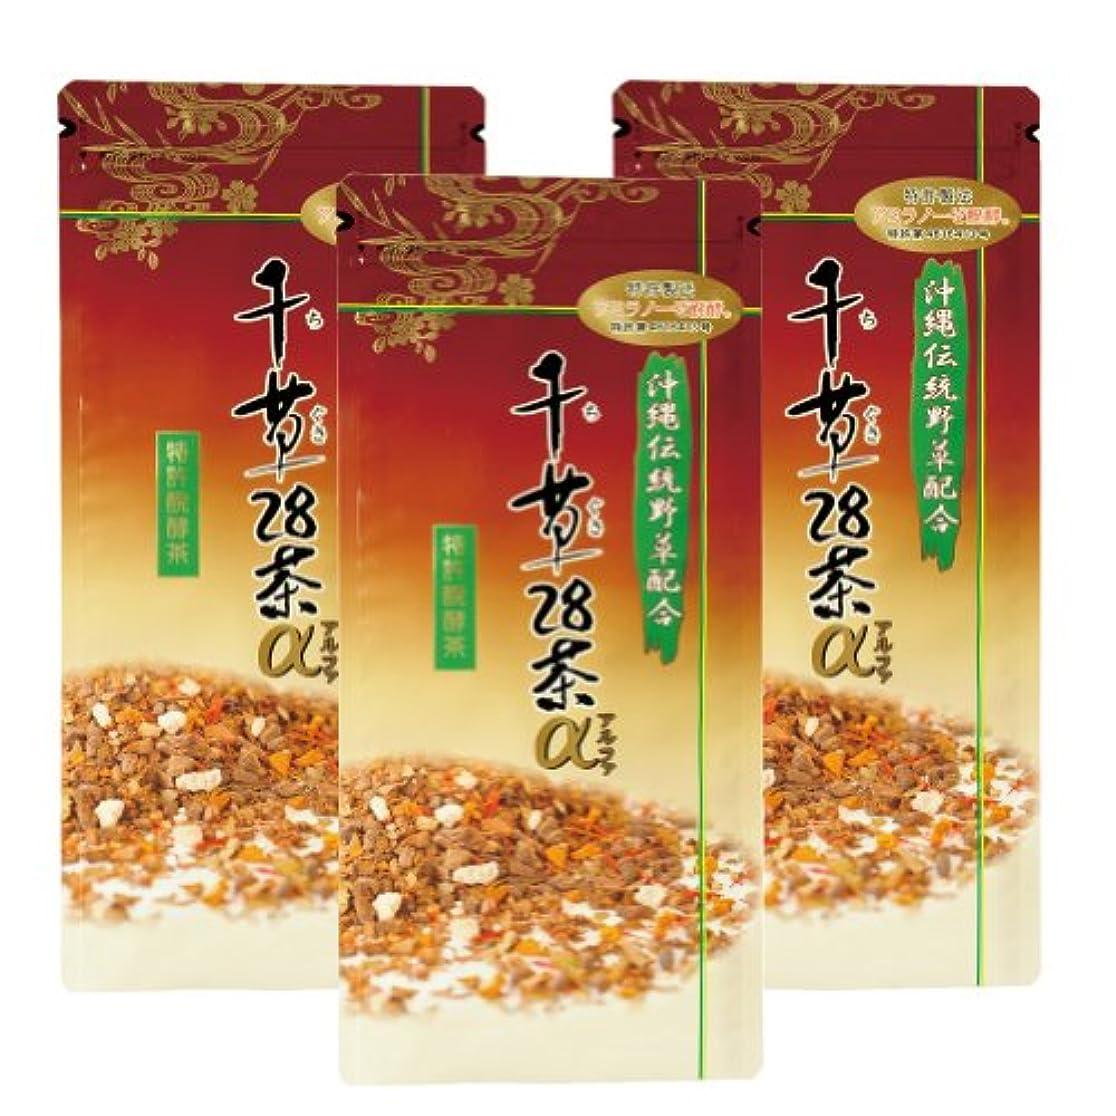 川帳面生む千草28茶α 200g×3個